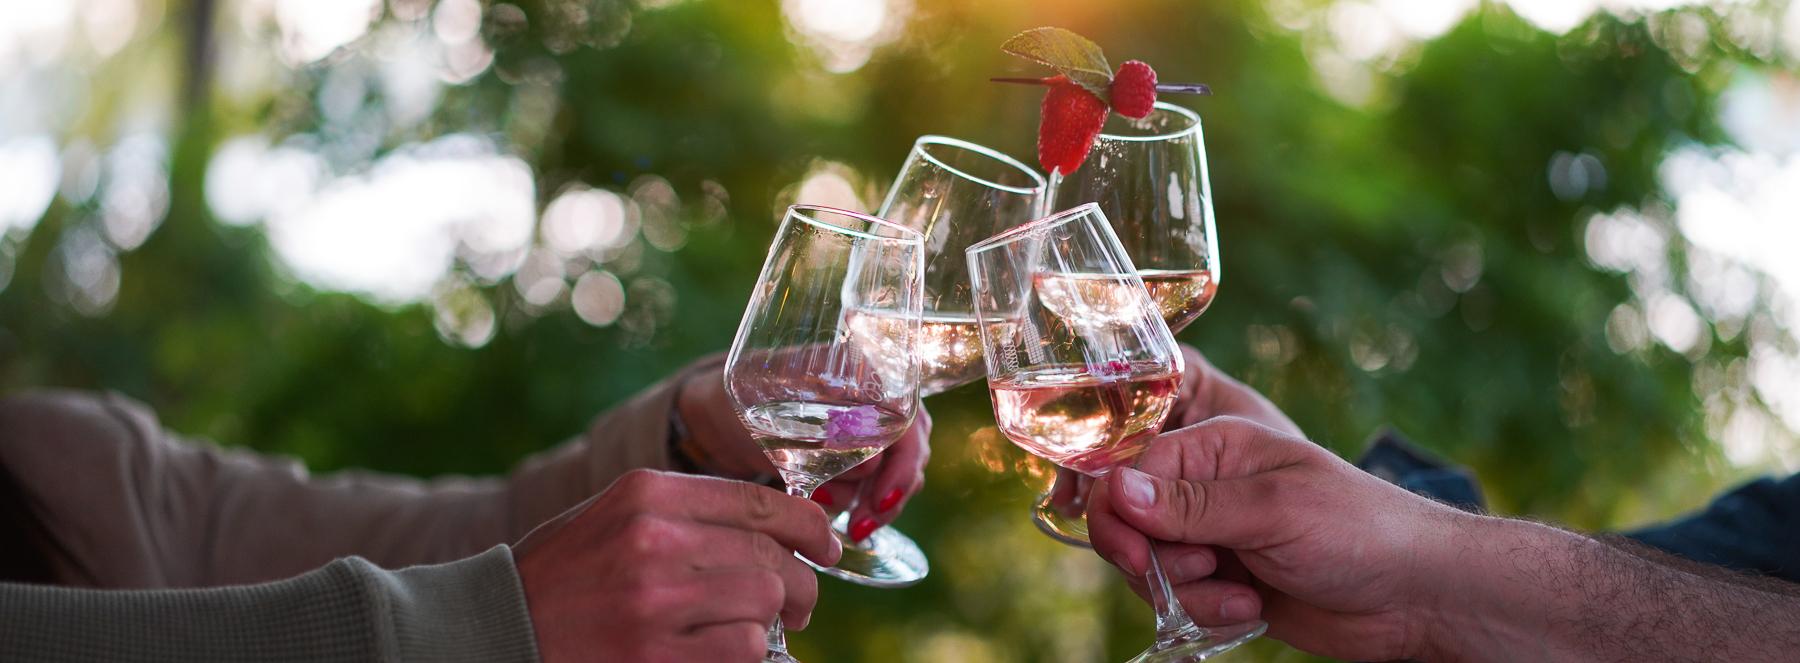 Frais et fruités, les vins de Bordeaux renouvellent l'apéritif